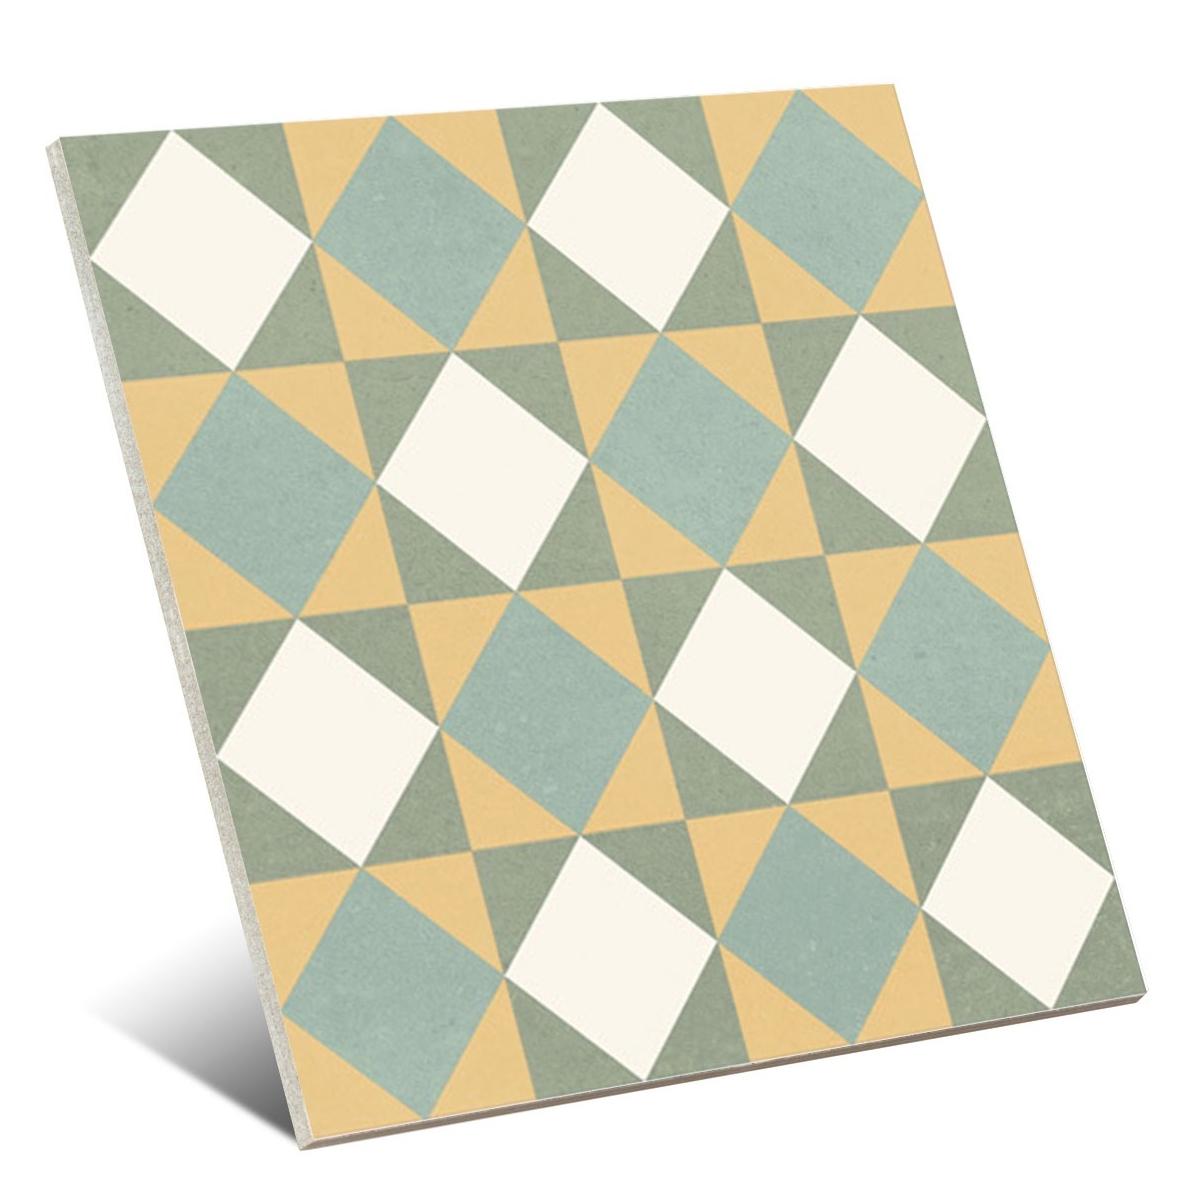 Taco Heritage Mix 16,5x16,5 (Caja 0,55 m2) - Colección Heritage de Gaya Fores - Marca Gaya Fores S.L.